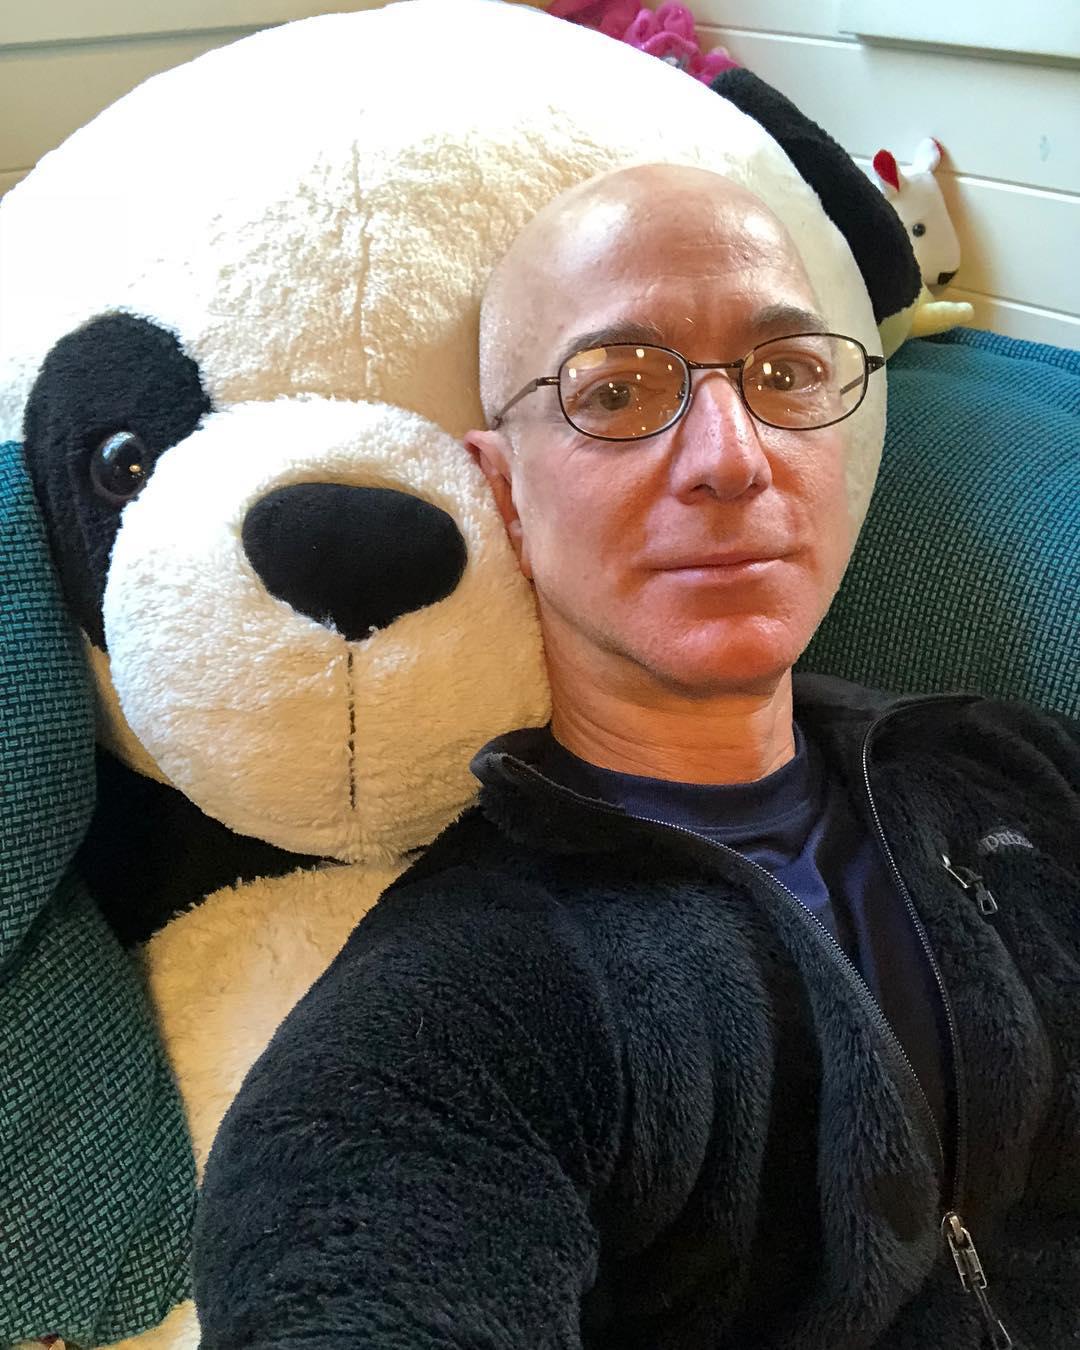 Джефф Безос на фото создатель Amazon